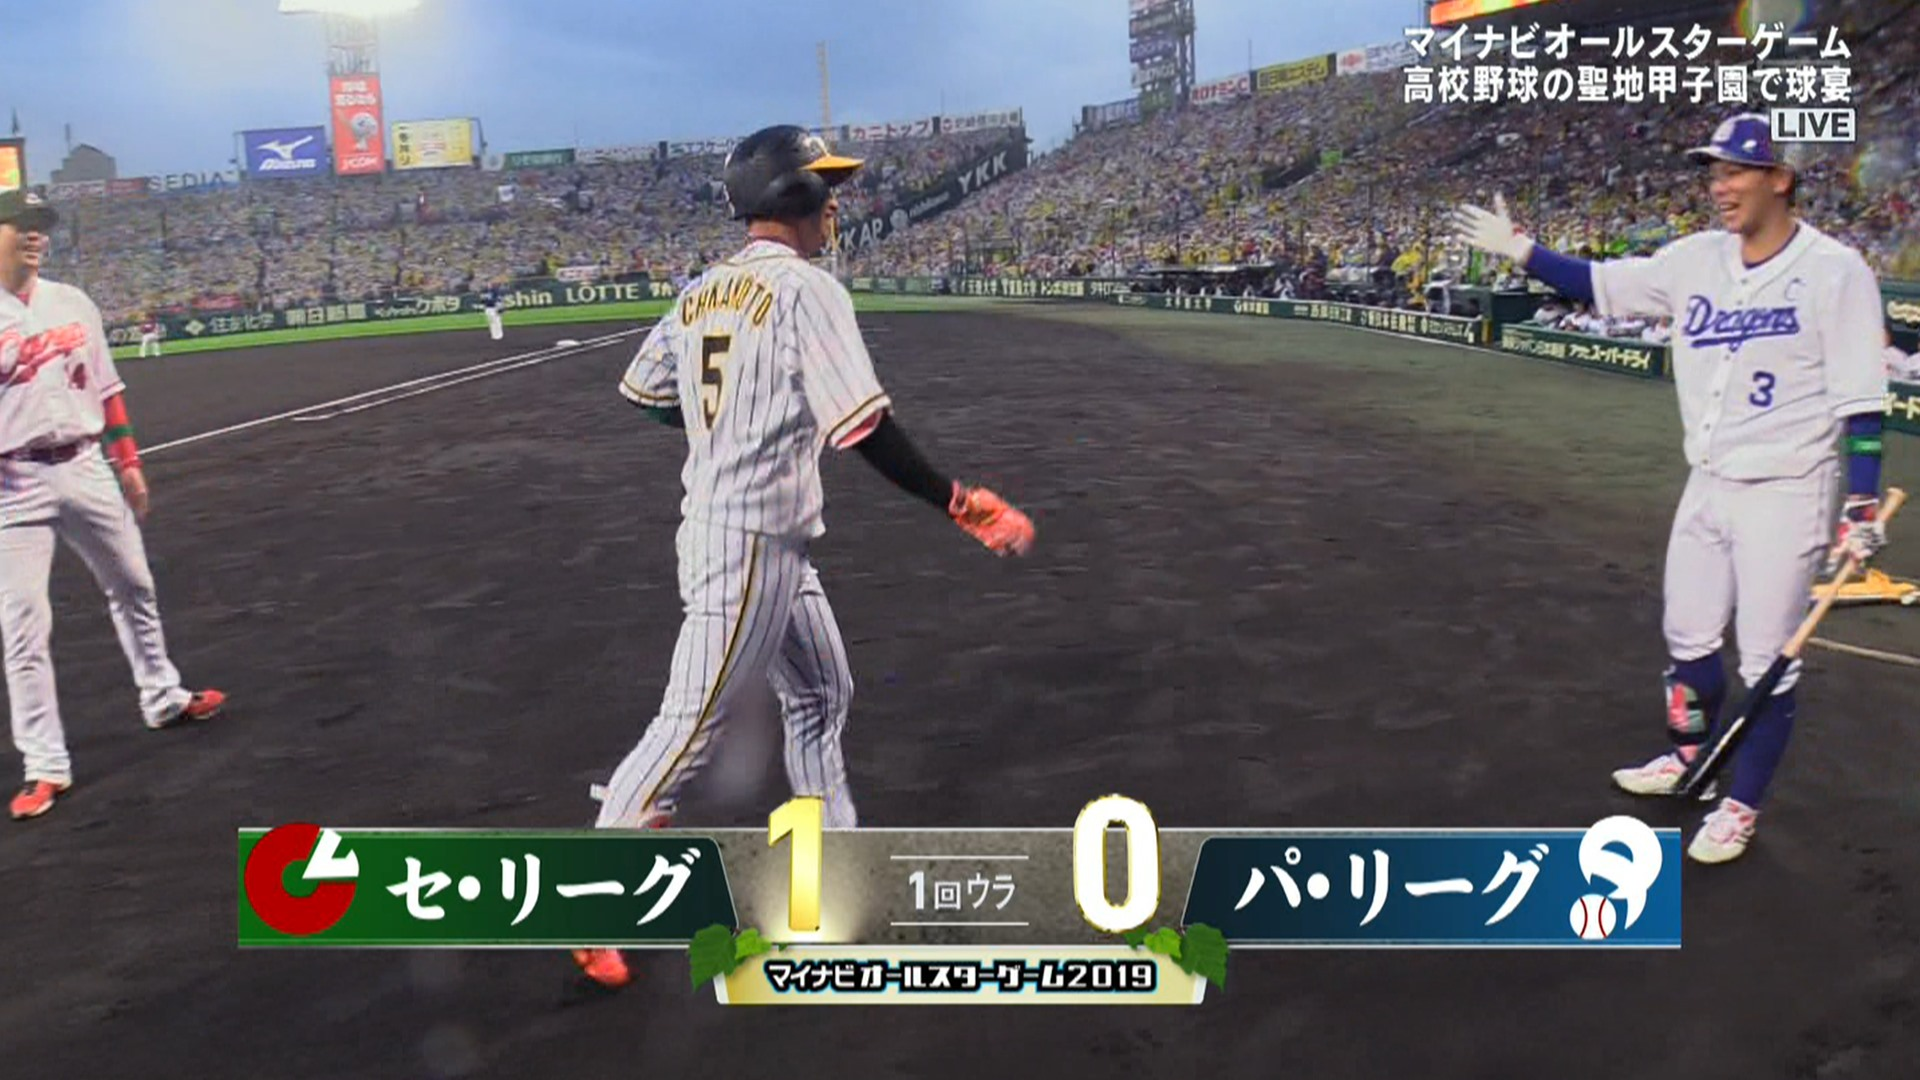 【オールスター】 阪神・近本、先頭打者ホームランwwww